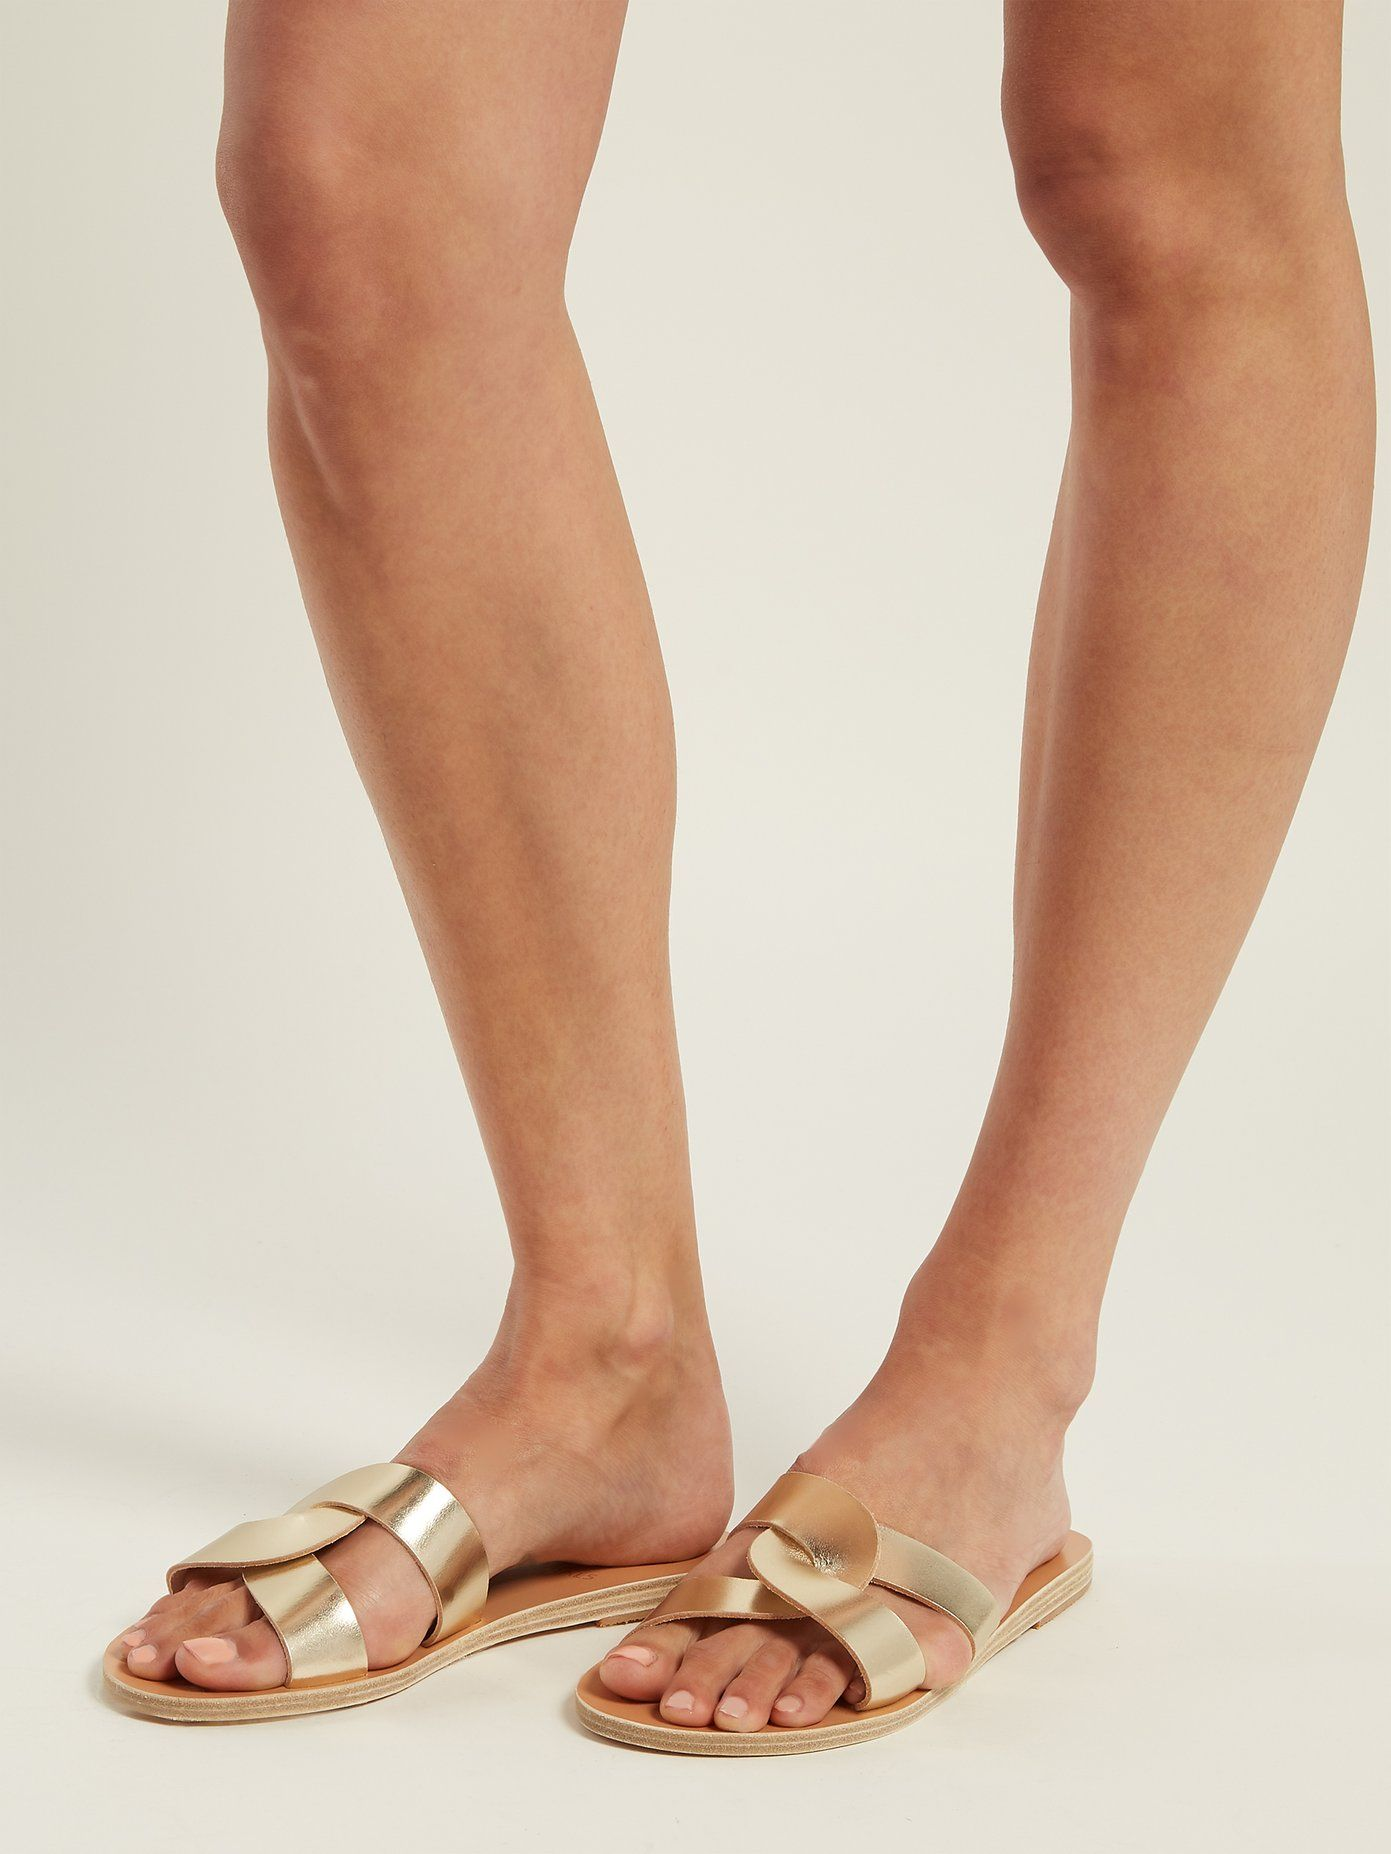 0cd641cc2a4 Desmos cut-out leather slides | Ancient Greek Sandals ...